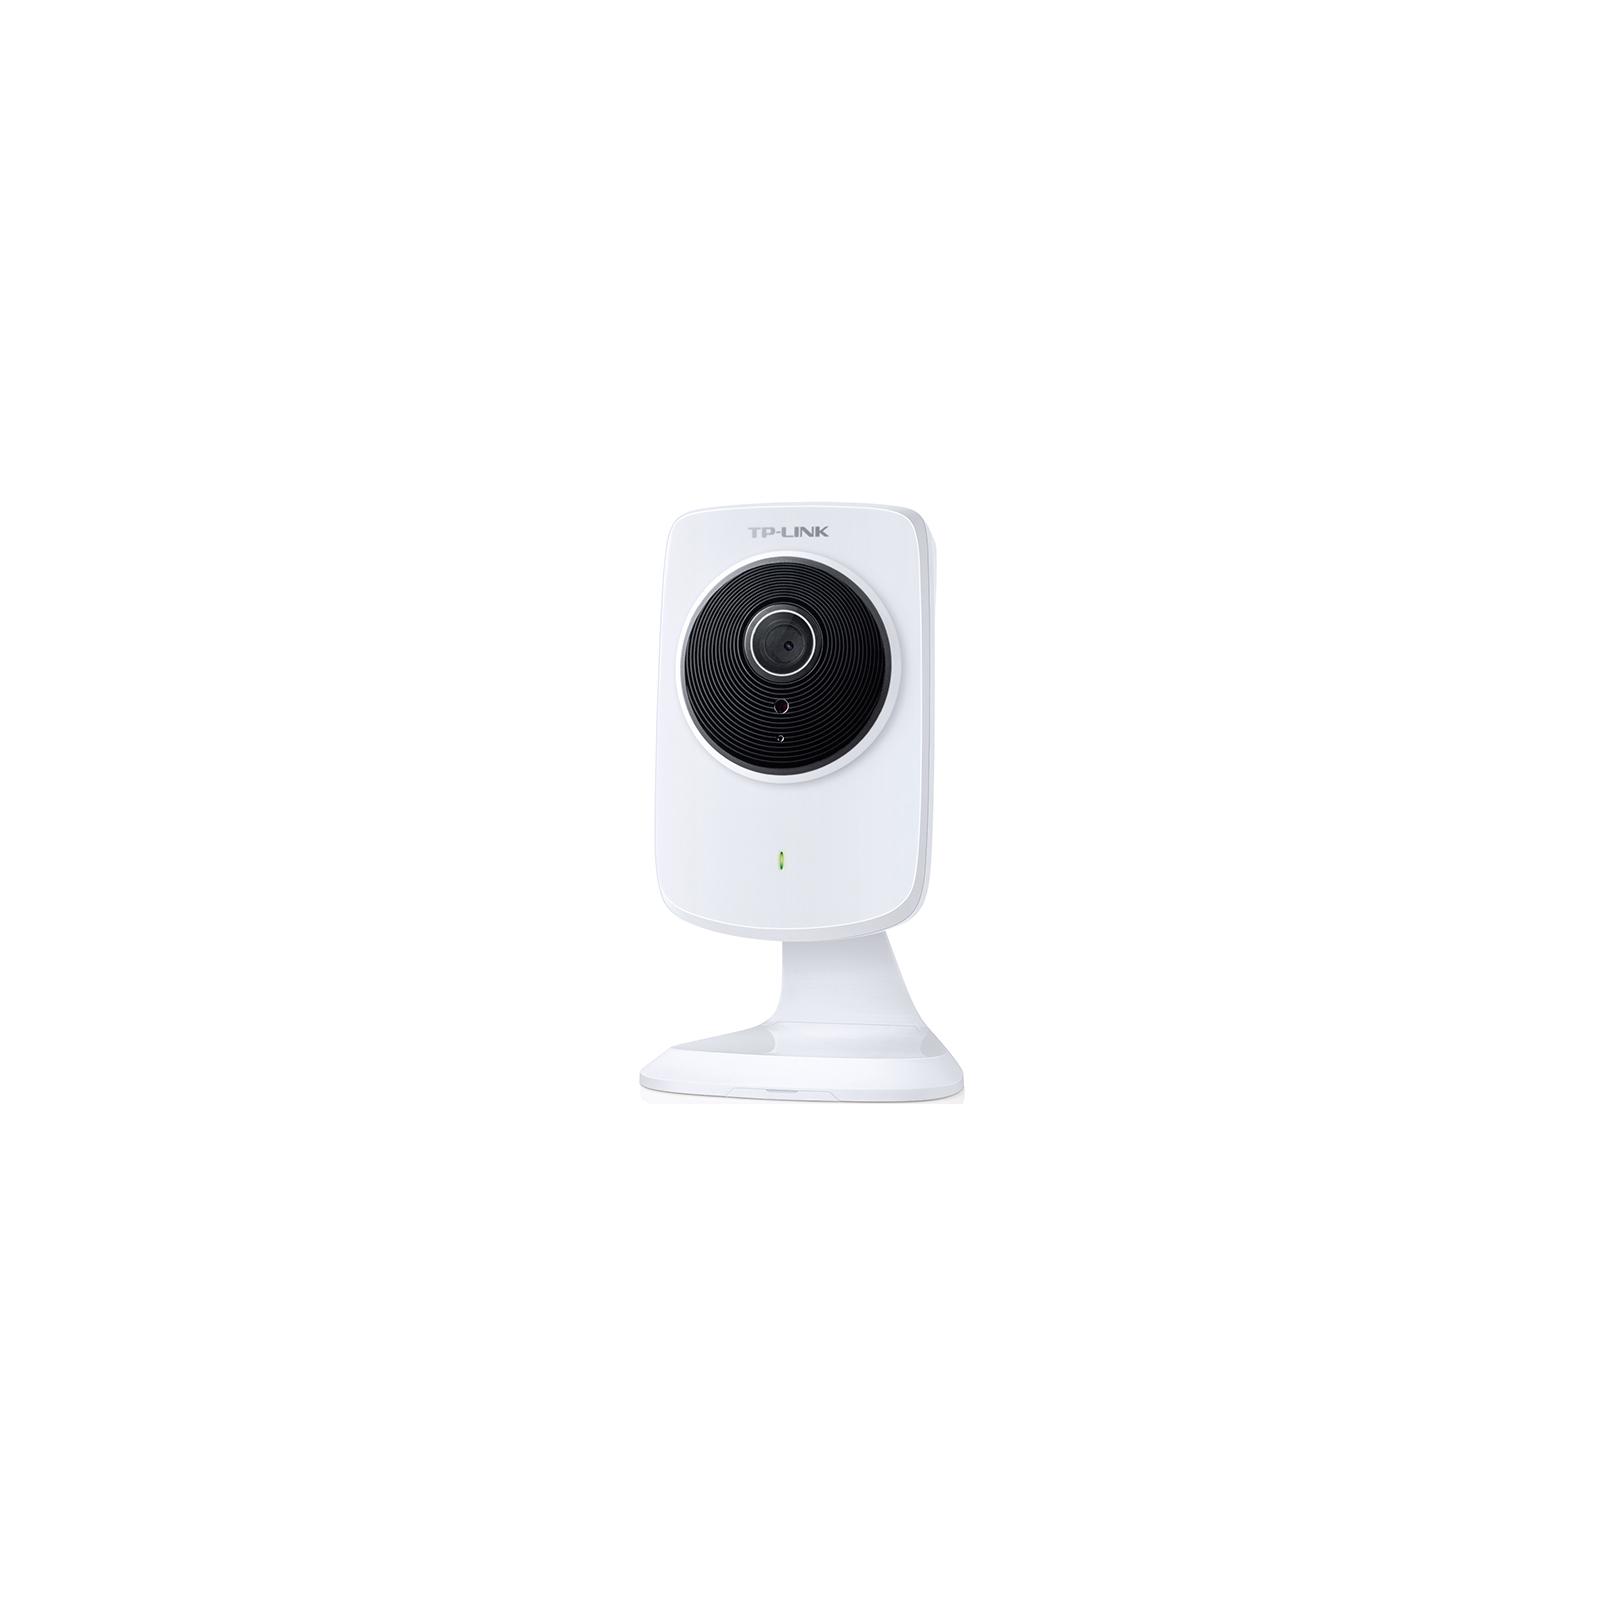 Сетевая камера TP-Link NC220 изображение 2